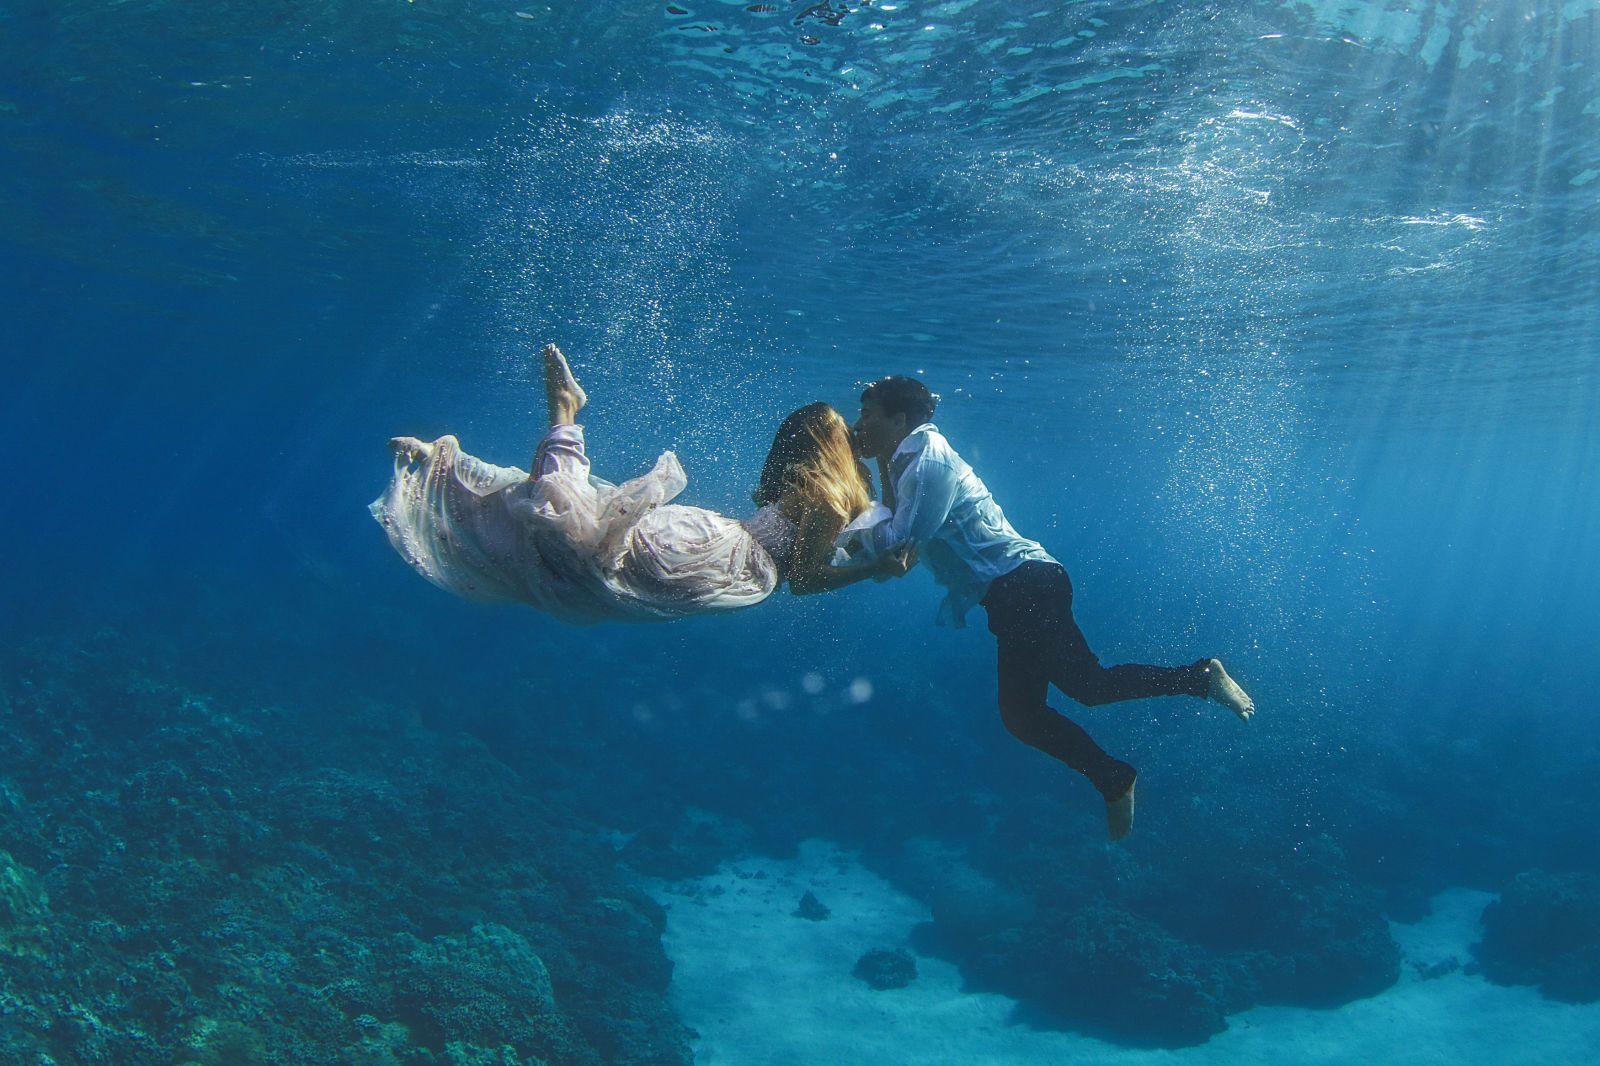 одиночный под водой пары картинки всегда считал это